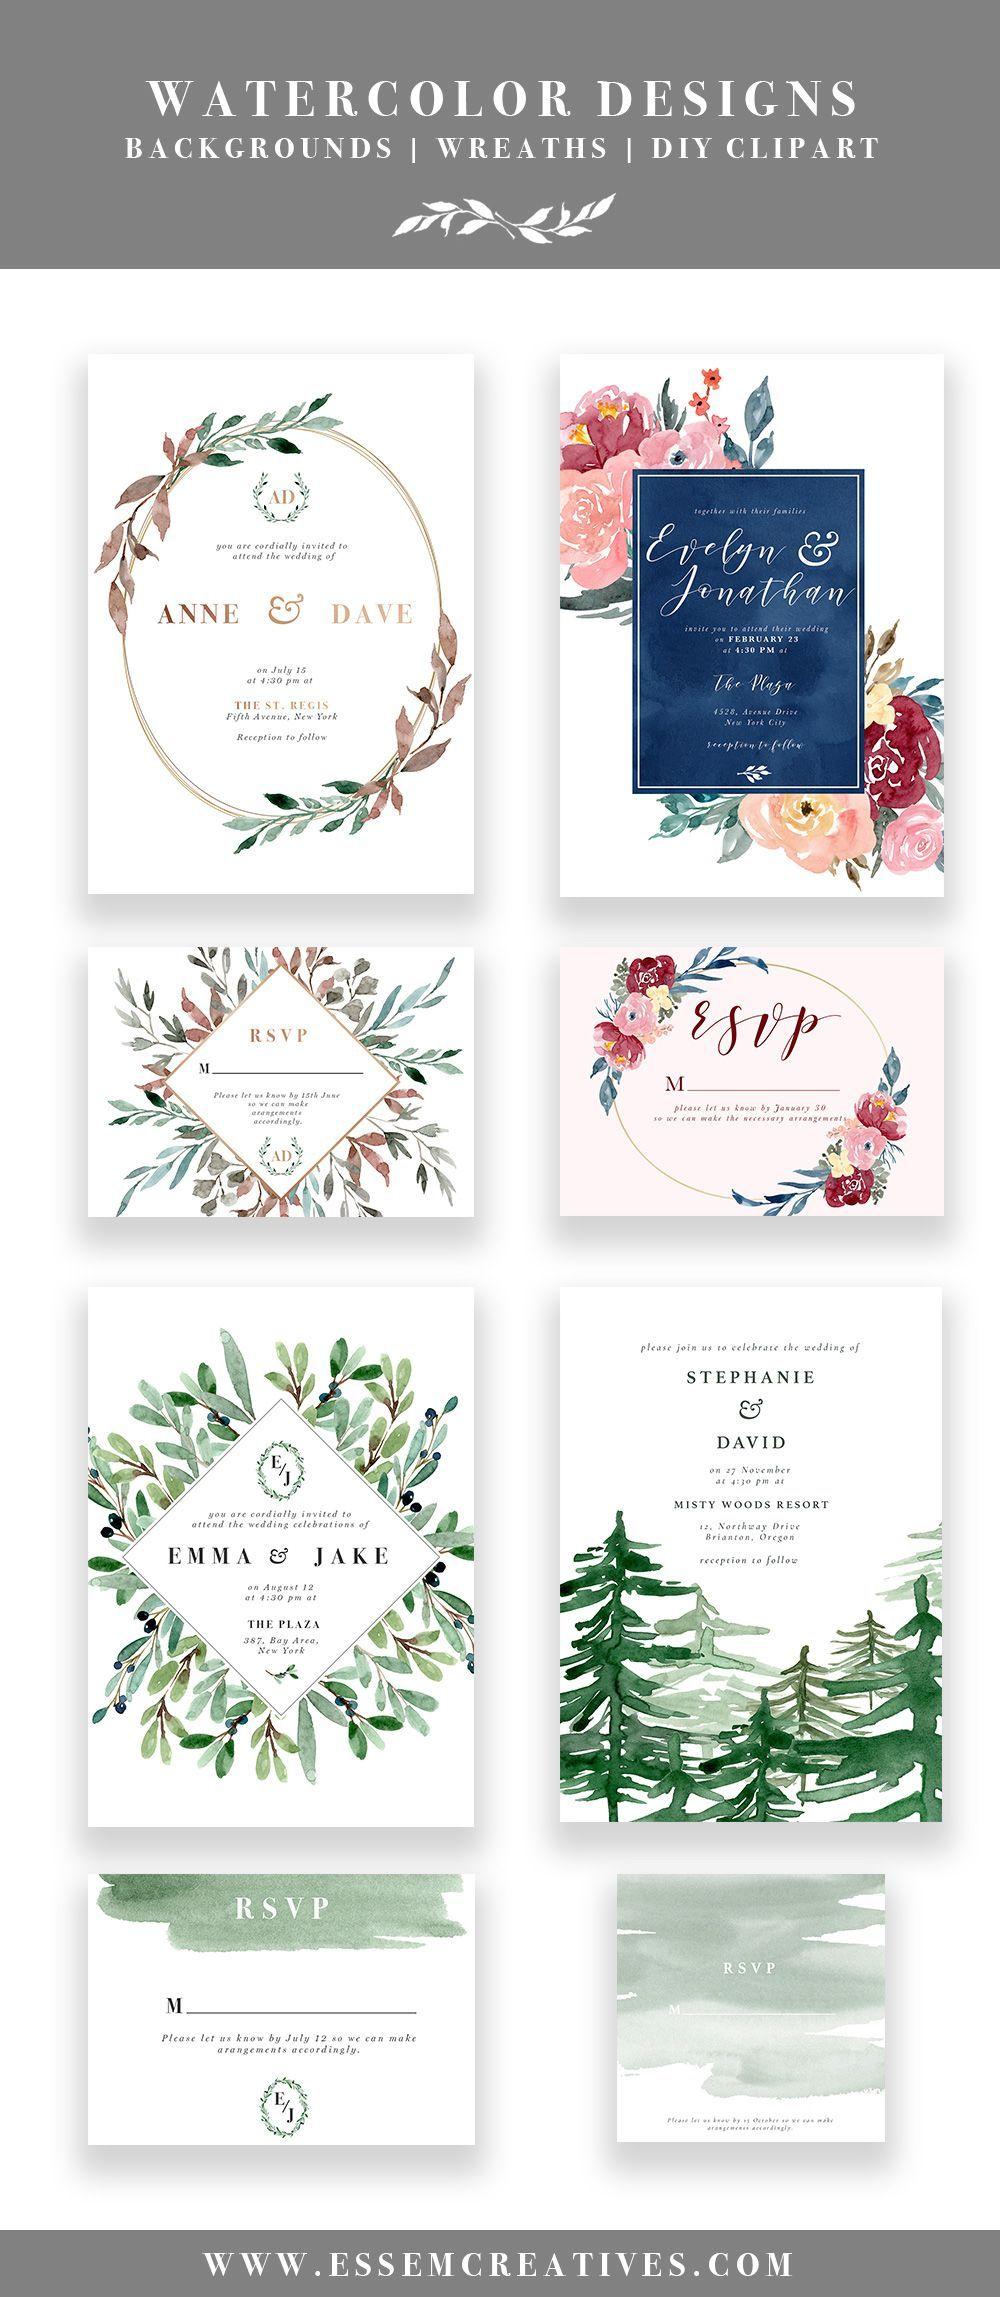 Diy Printable Watercolor Wedding Invitations Watercolor Designs